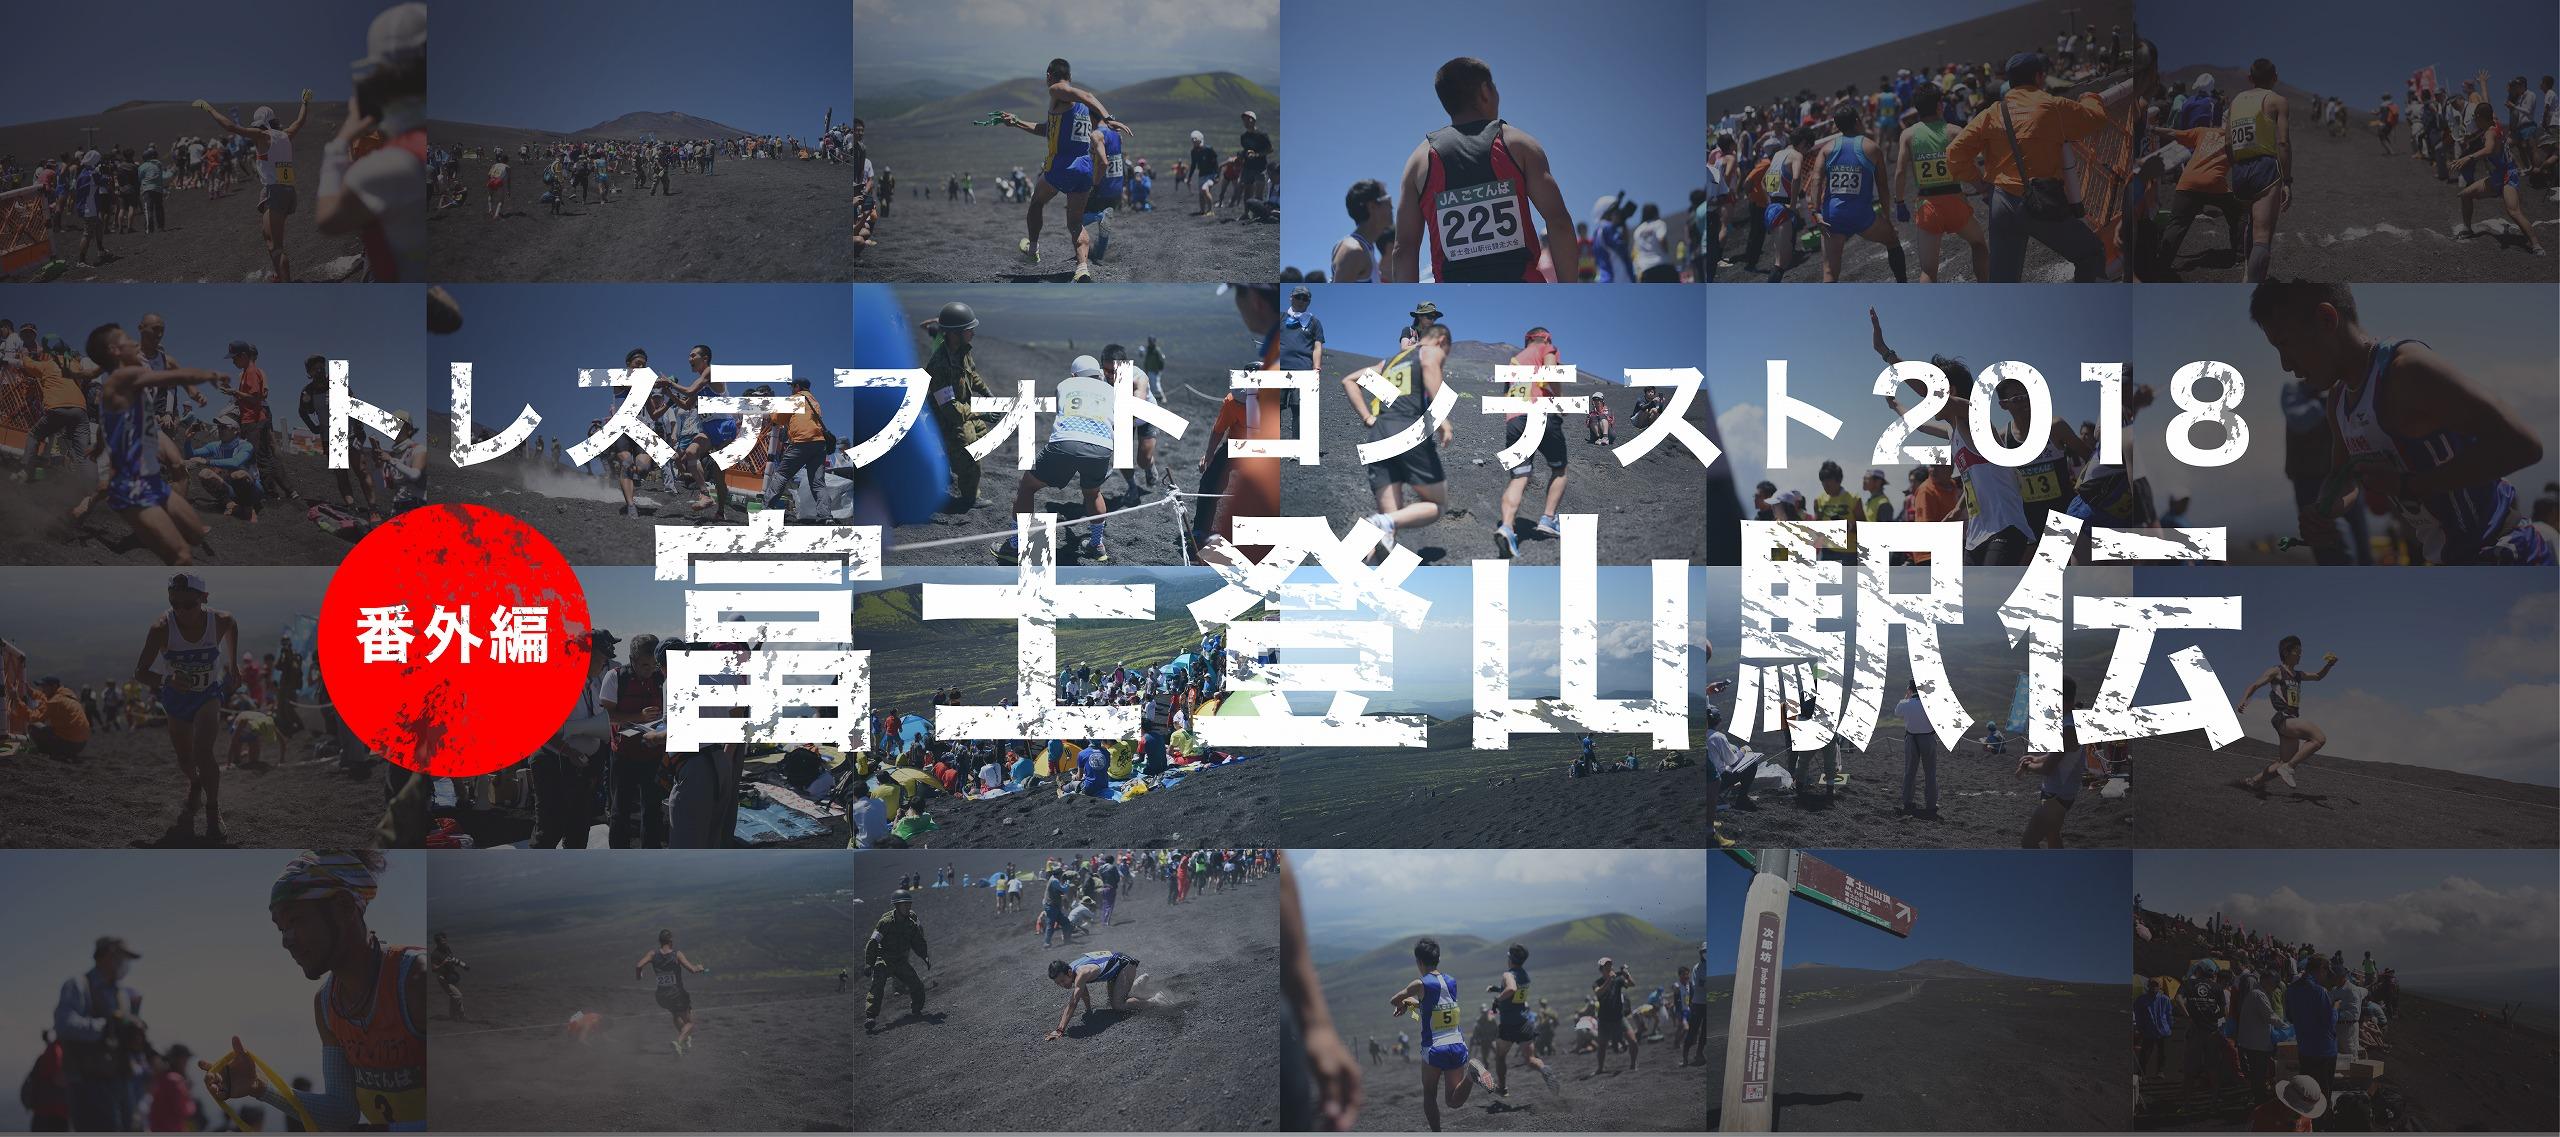 トレステフォトコンテスト@富士登山駅伝